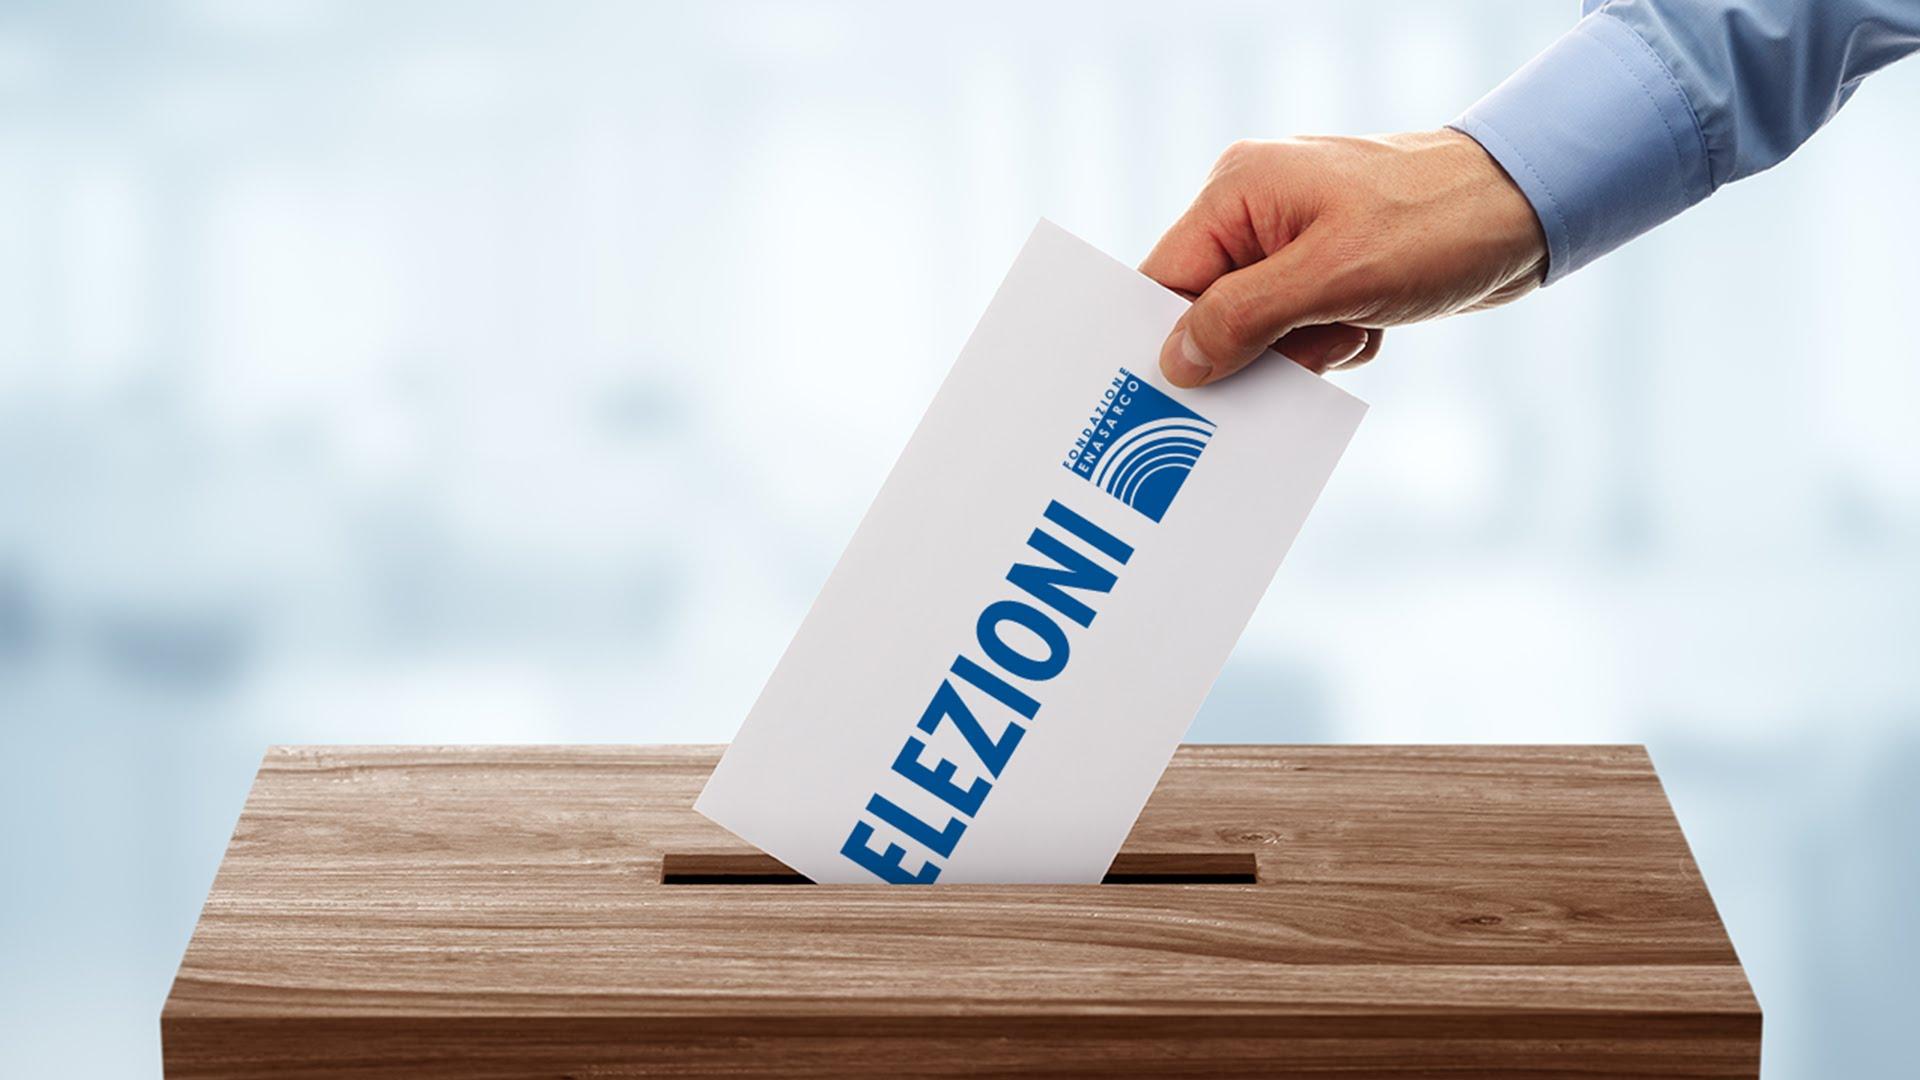 imm-elezioni-2